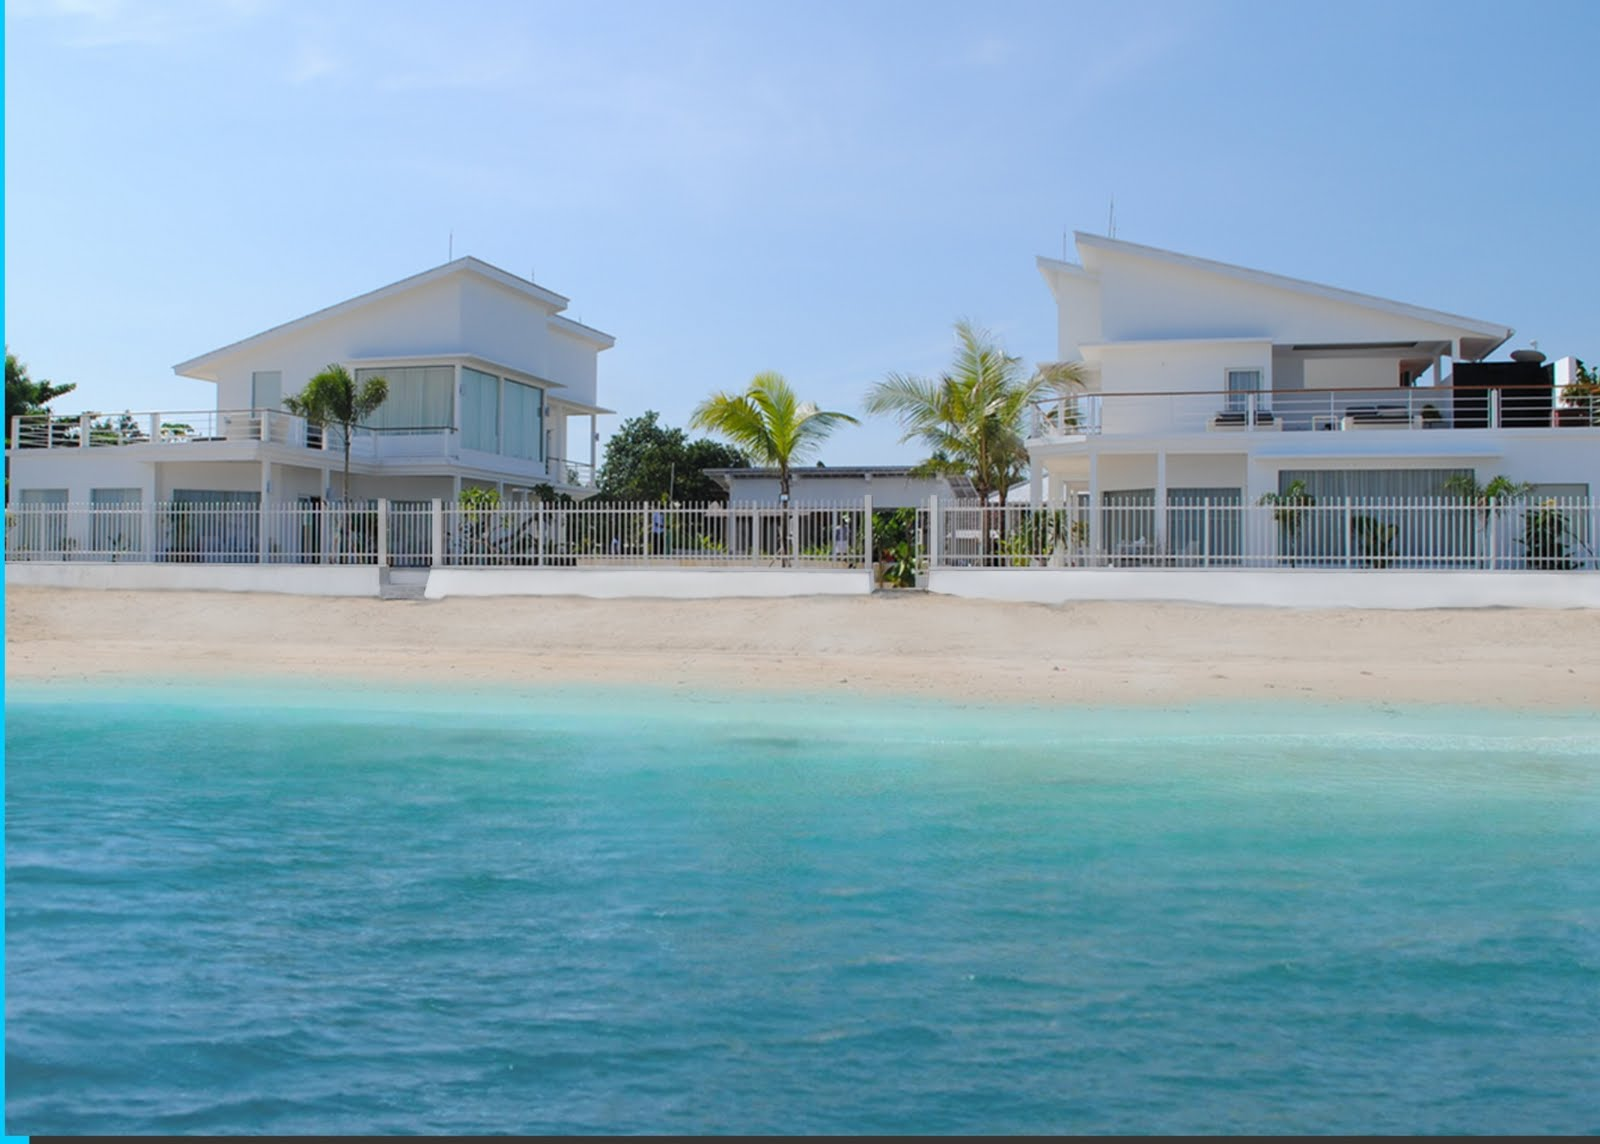 Ocean View Residence Hotel Jepara